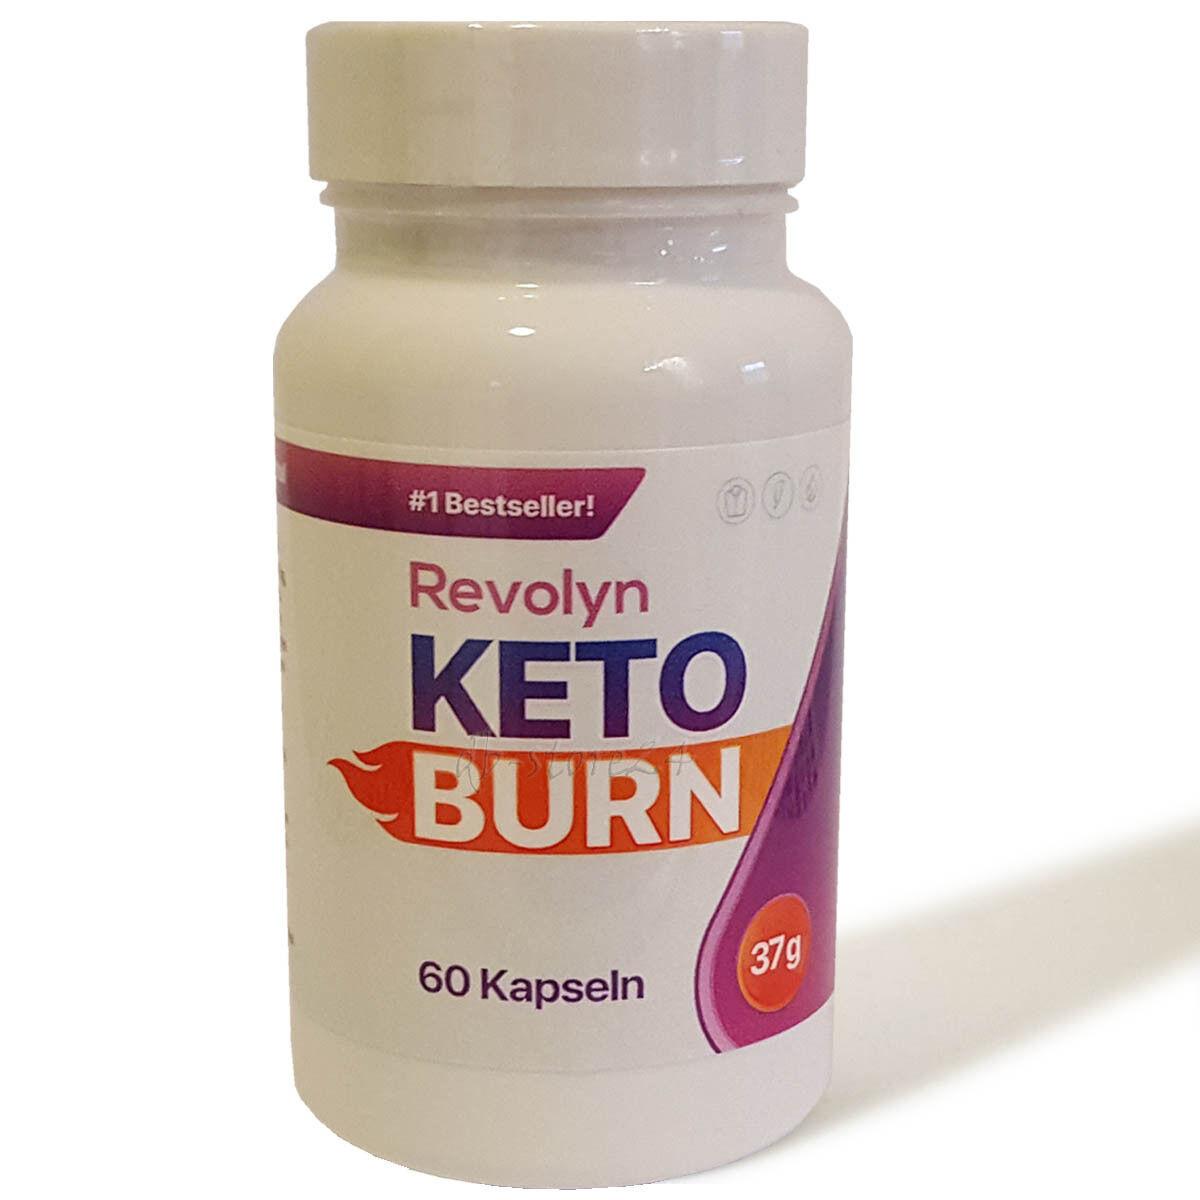 Revolyn KETO BURN Fettverbrennung Gewichtsreduzierung Diät